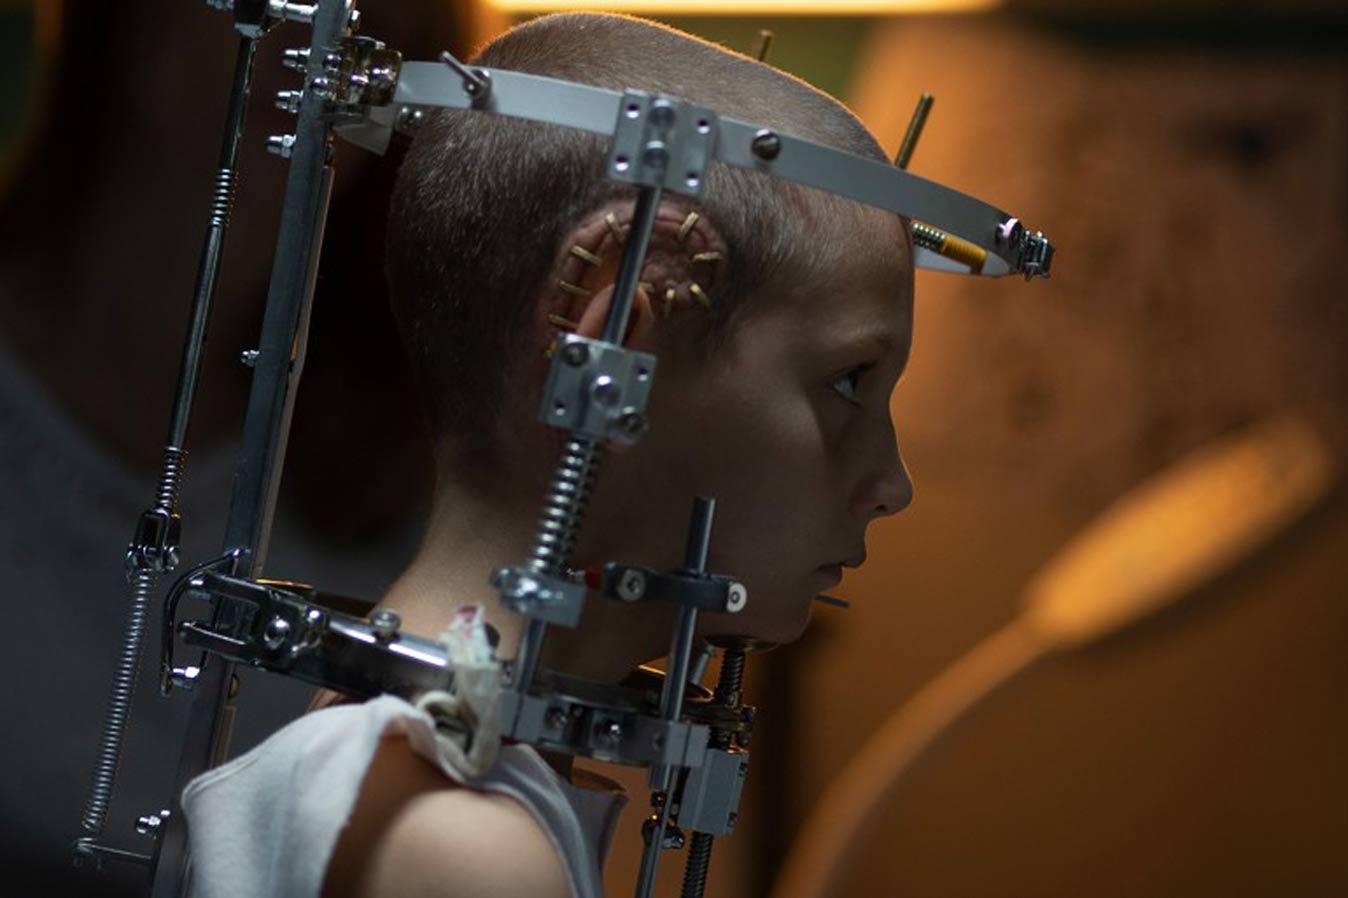 Пять фильмов, снятых при поддержке Евросоюза, получили призы Каннского кинофестиваля